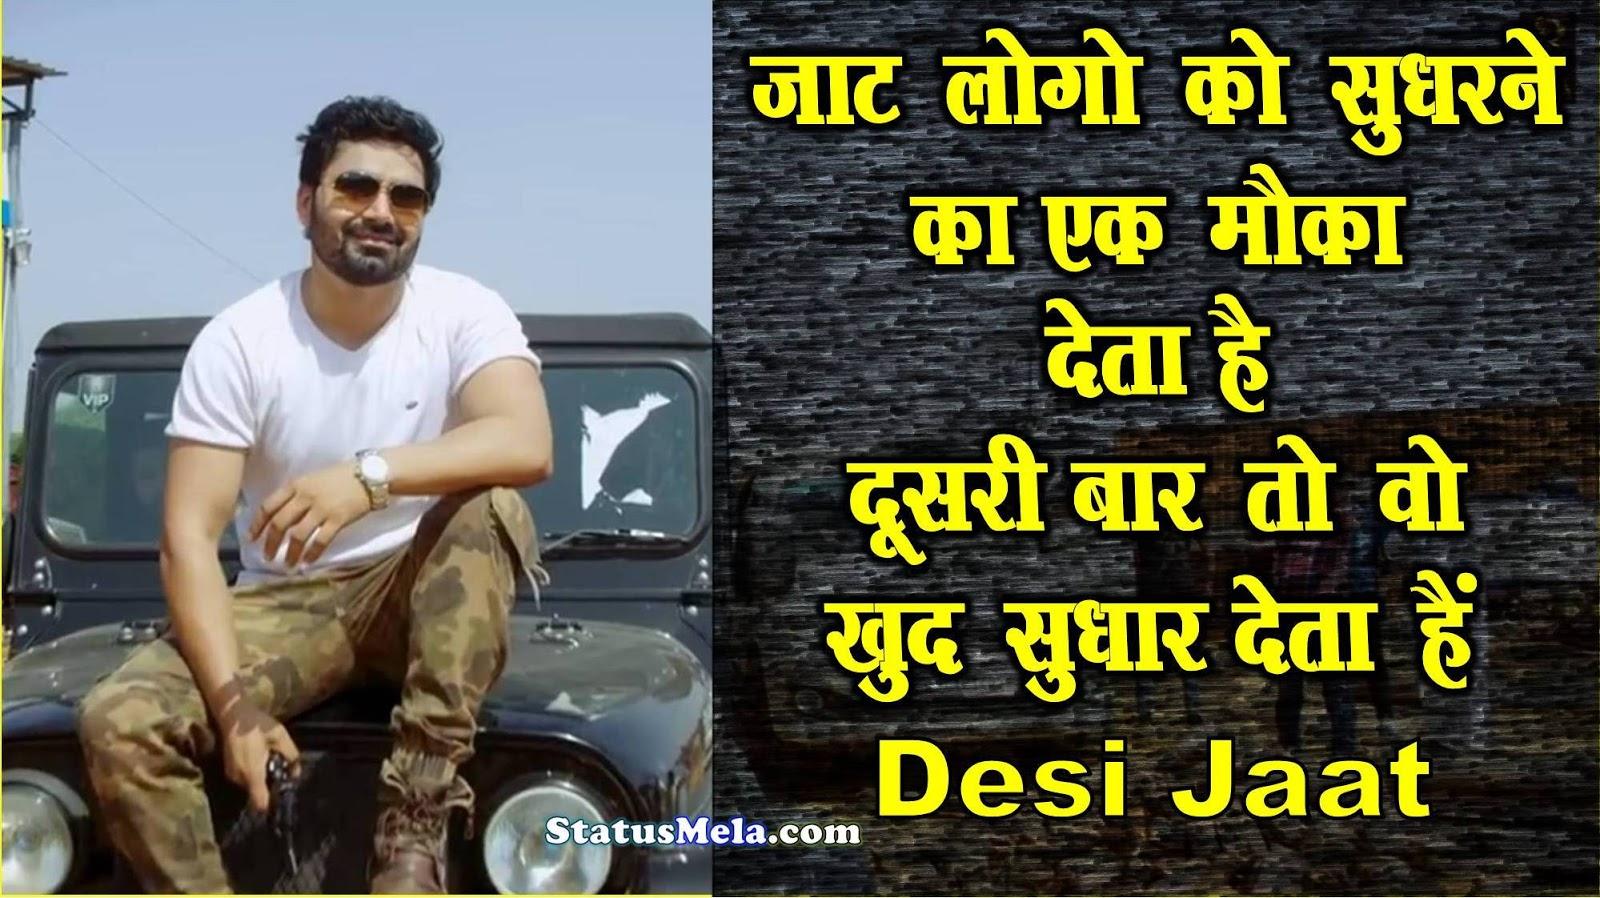 टॉप 2019} Desi Jaat Attitude Status जाट की ठाठ वाले